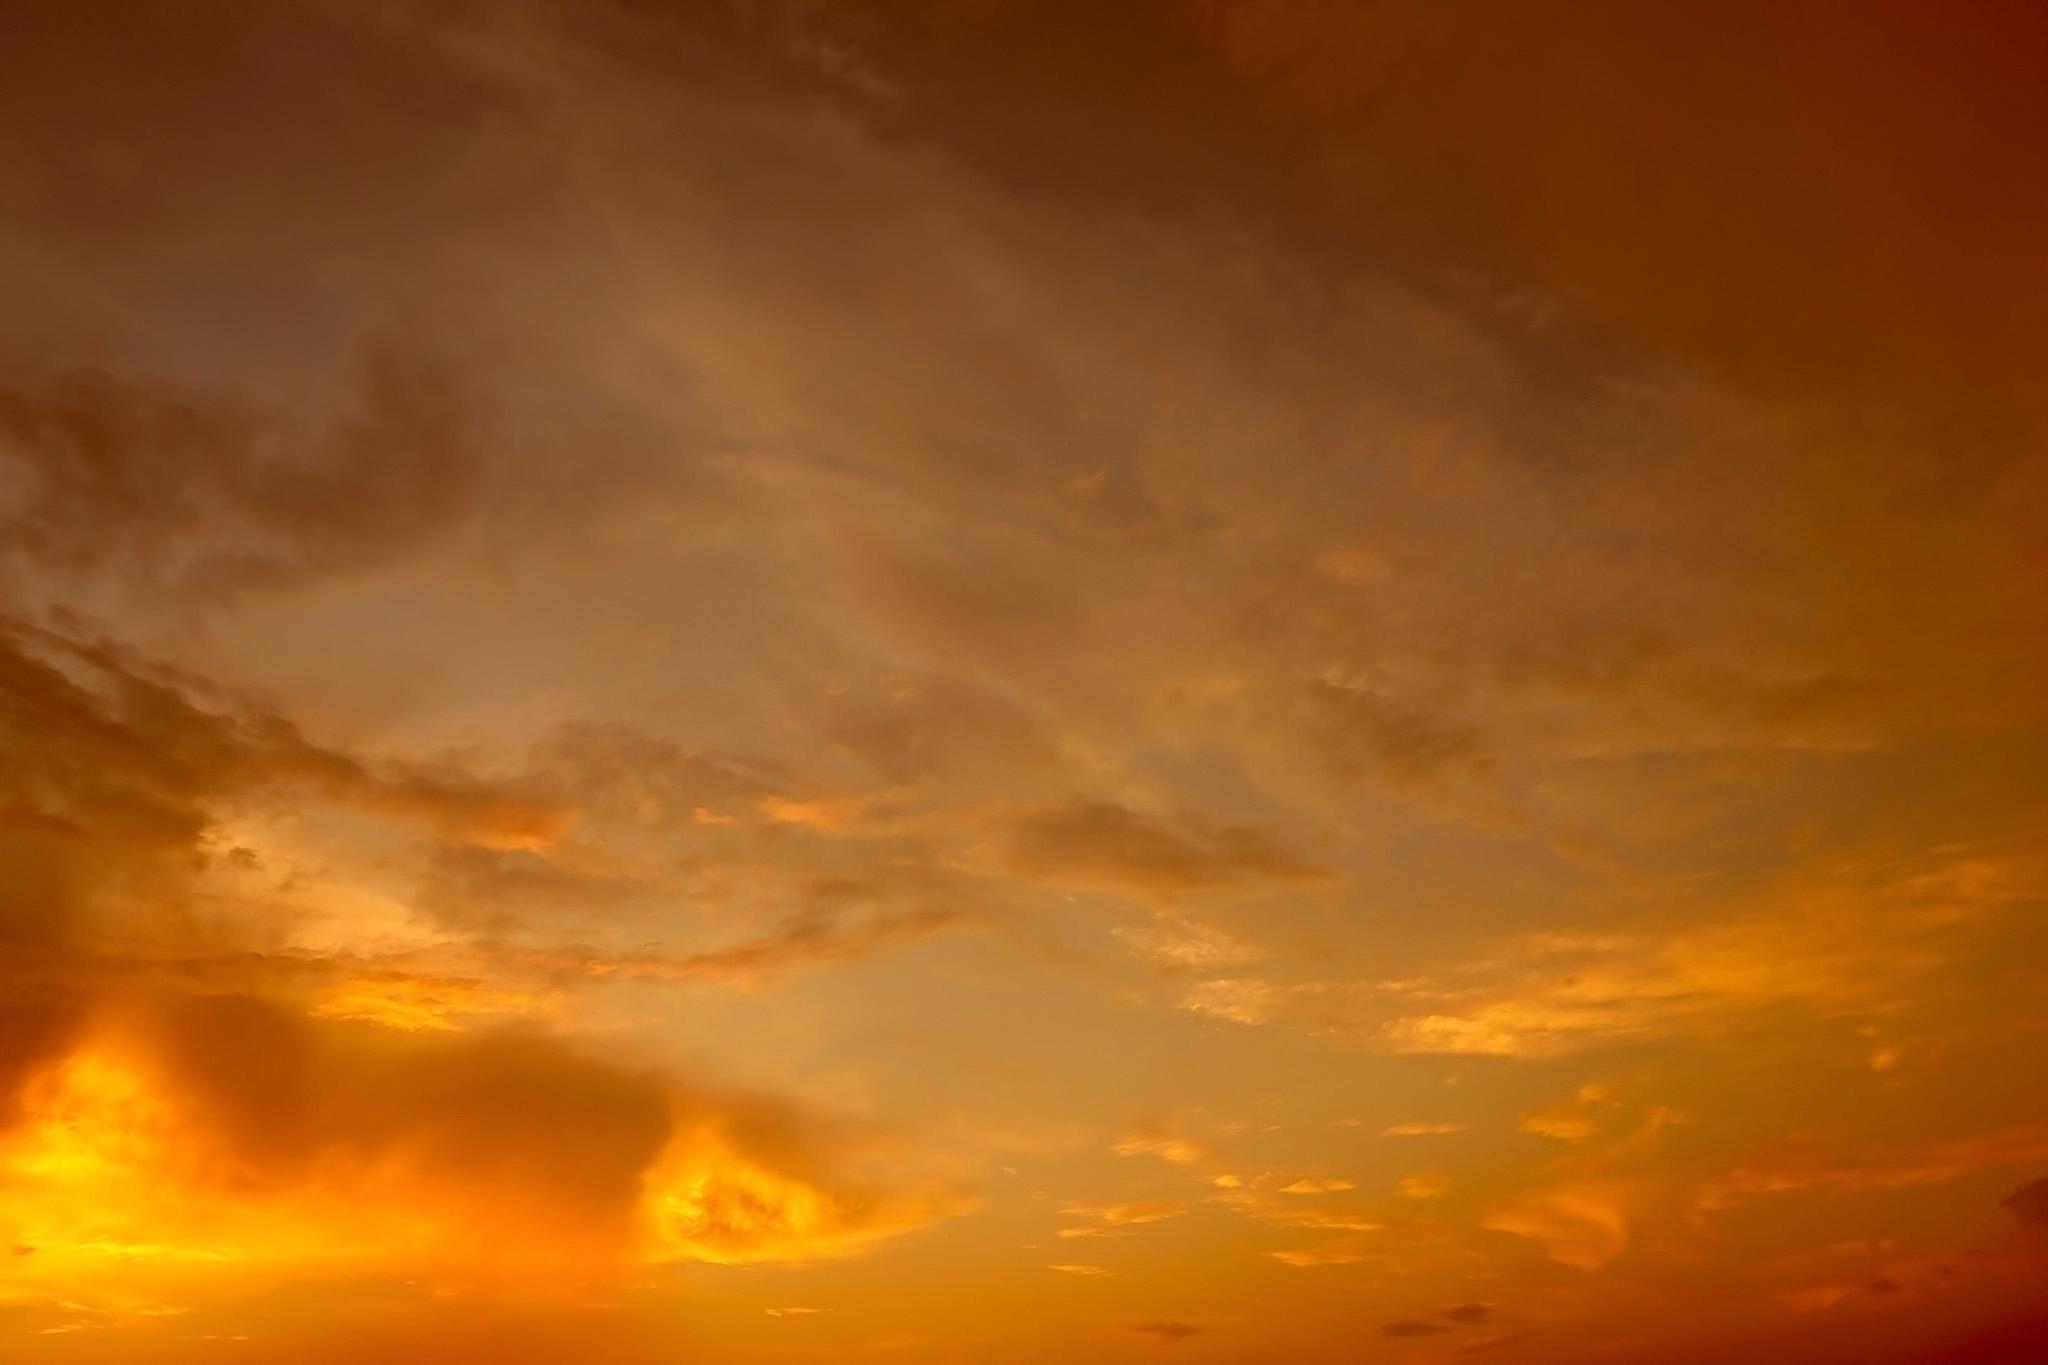 「神々しい夕焼けの壮観」